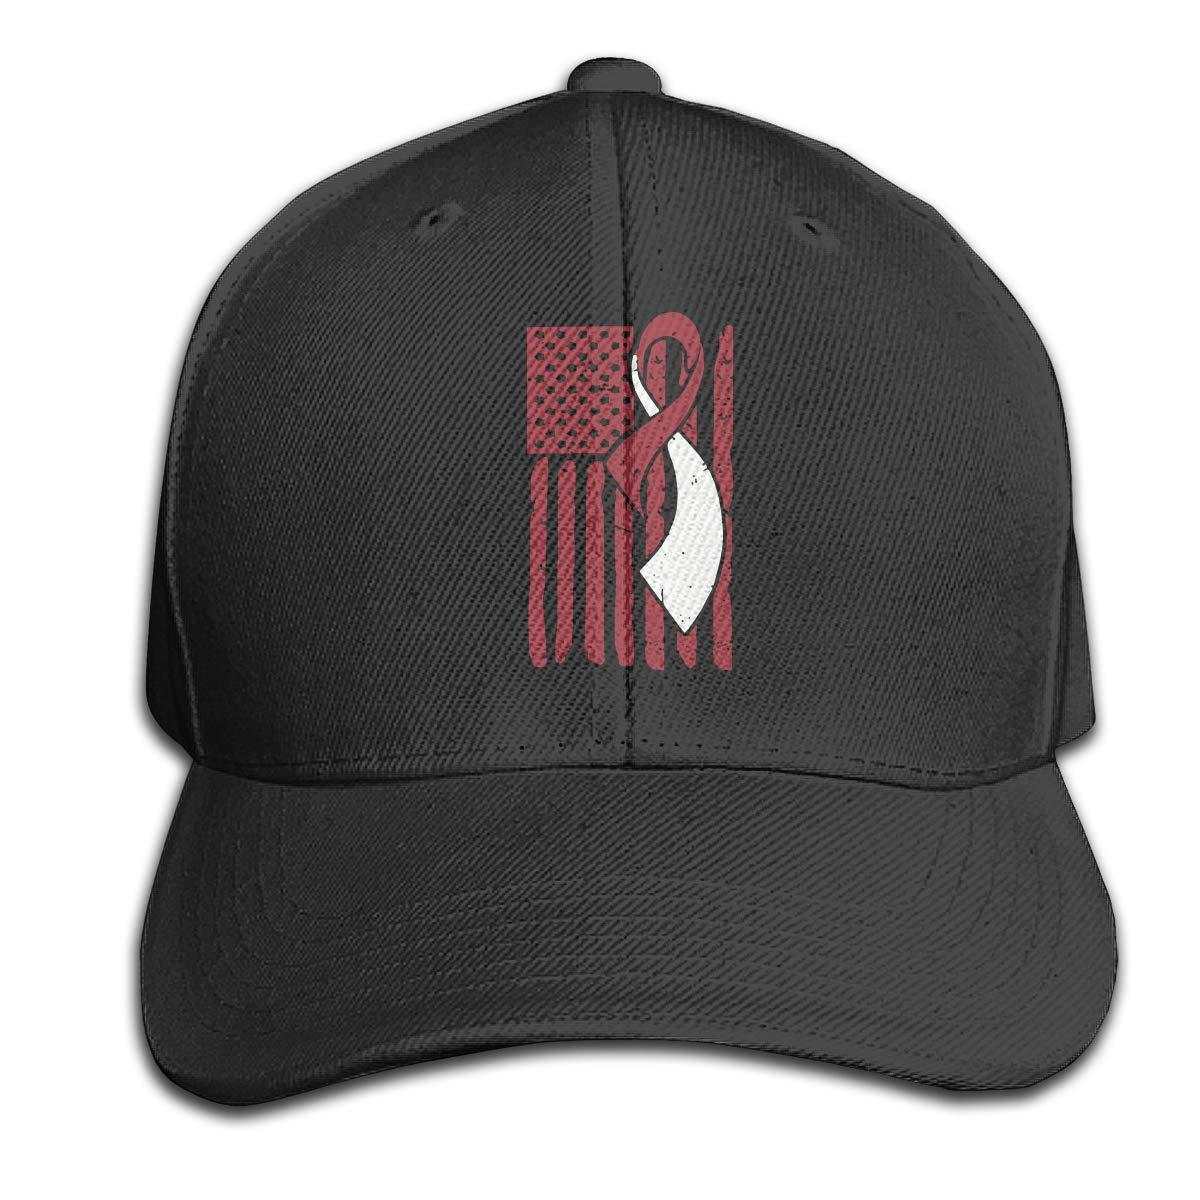 Head Neck Cancer Awareness Ribbon American Flag Unisex Baseball Cap Adjustable Plain Hat for Women Men